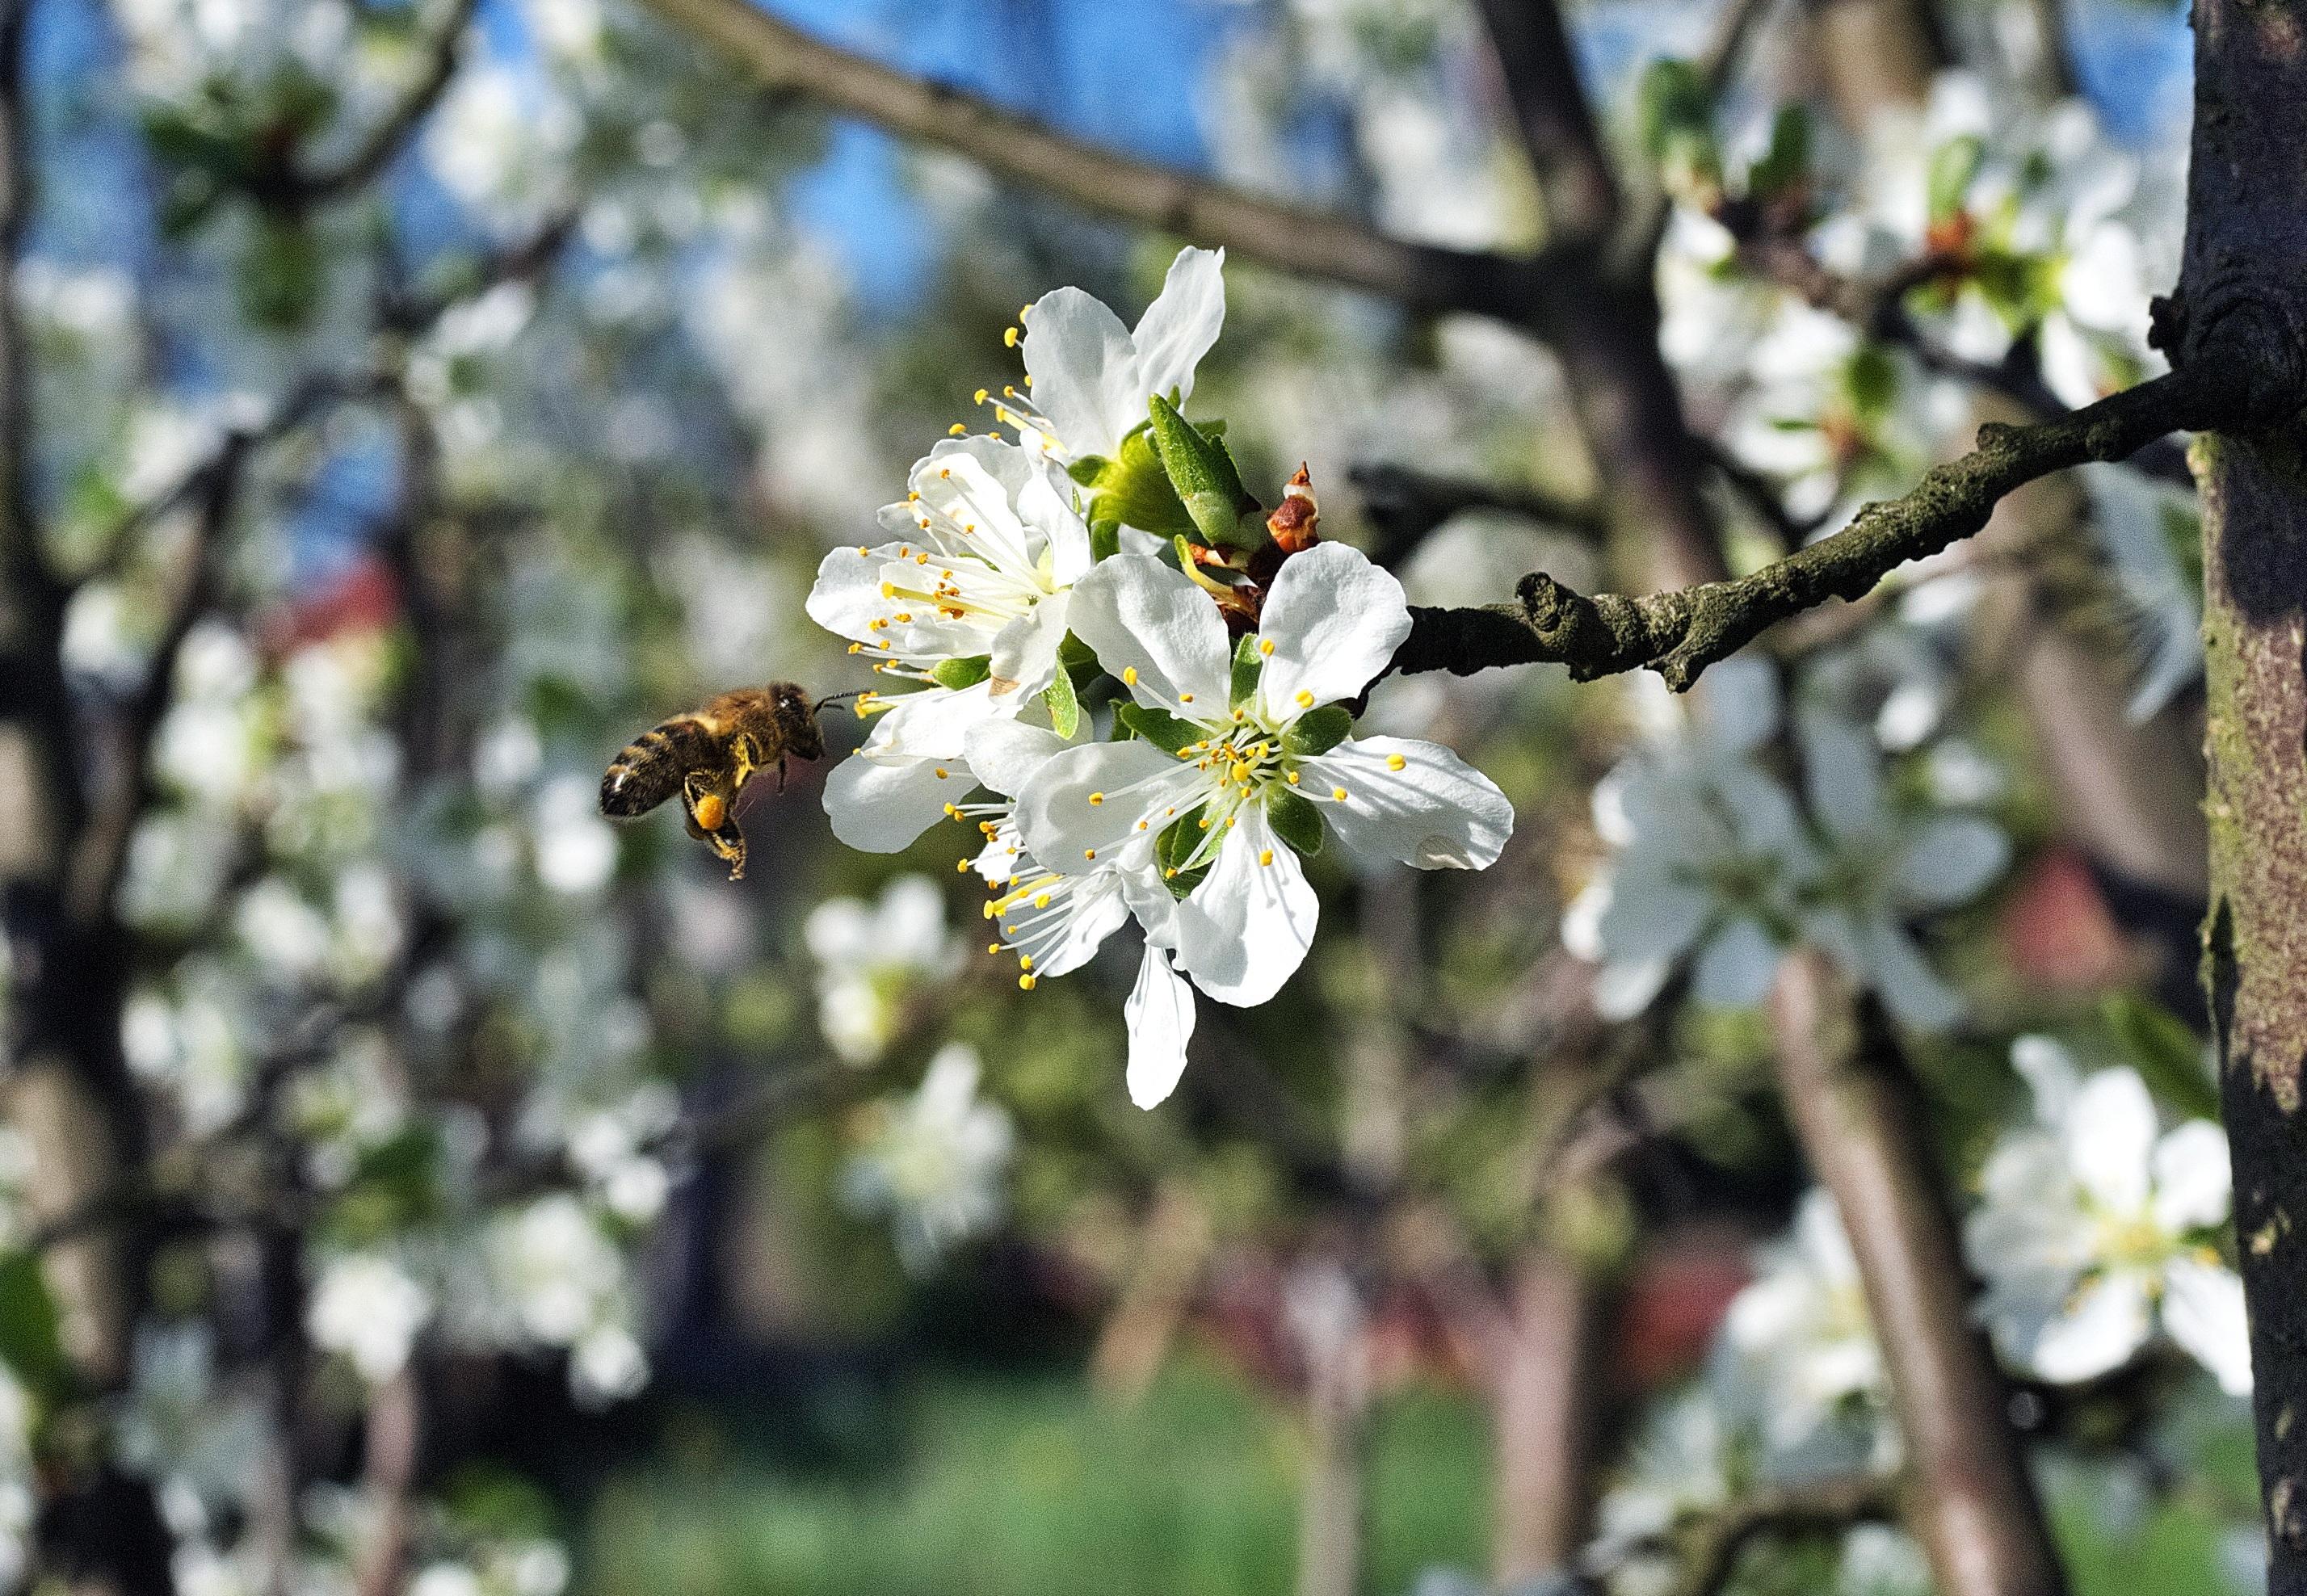 Fotoğraf Ağaç şube çiçek Polen Tozlaşma Bahar Bahçe Bitki